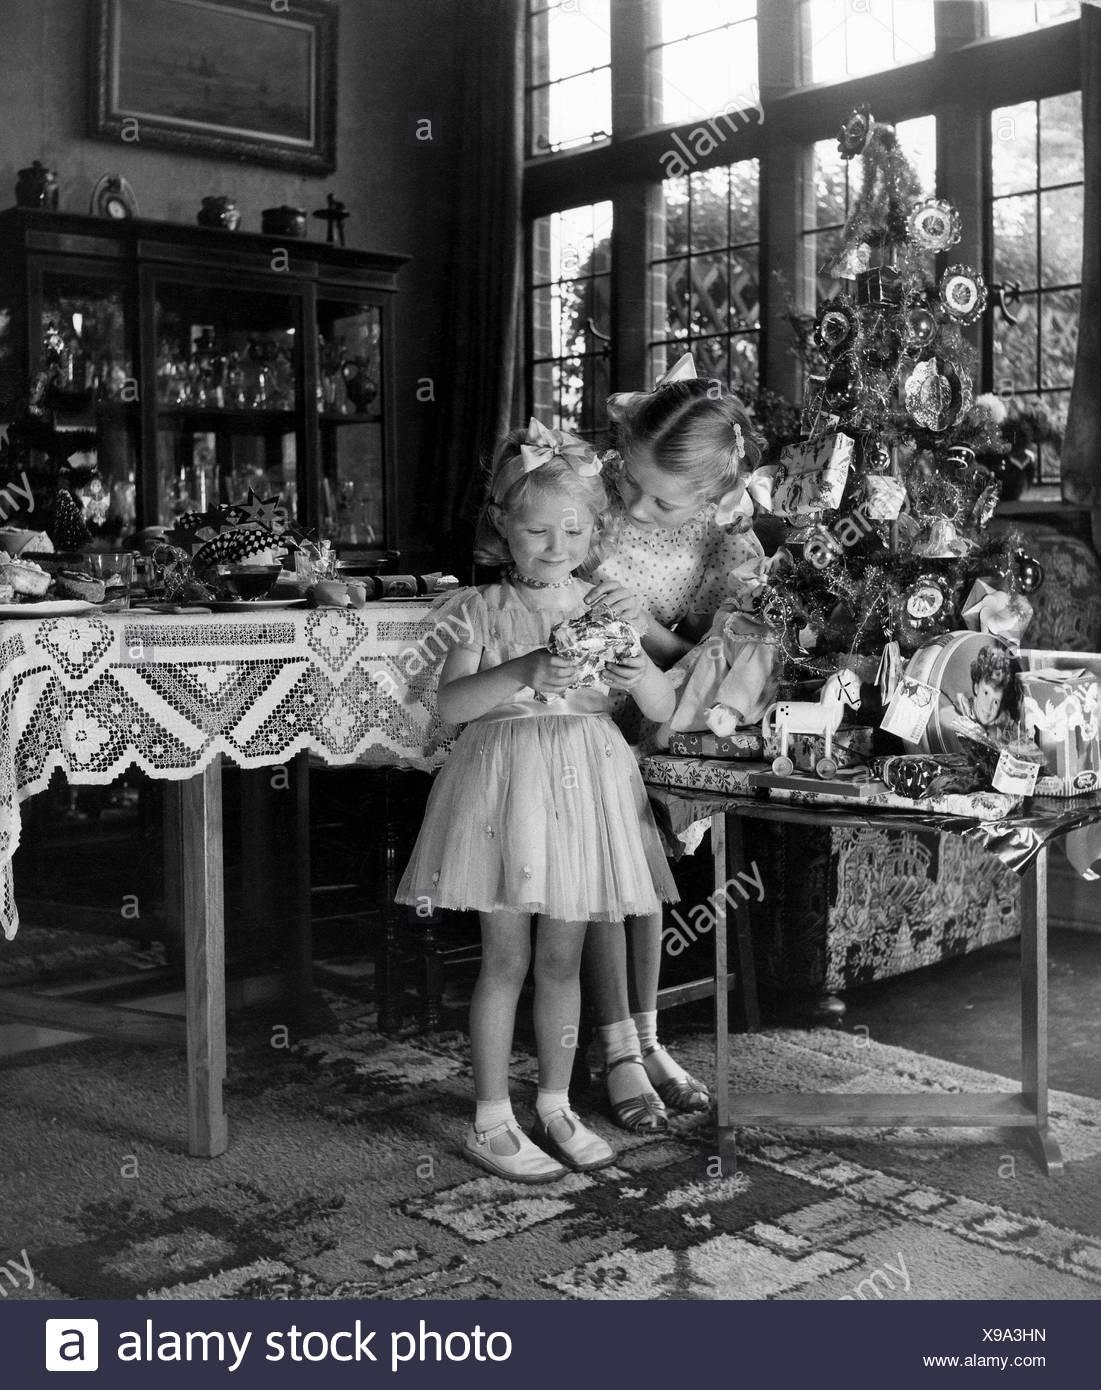 Berühmt Partykleider In Melbourne Galerie - Brautkleider Ideen ...